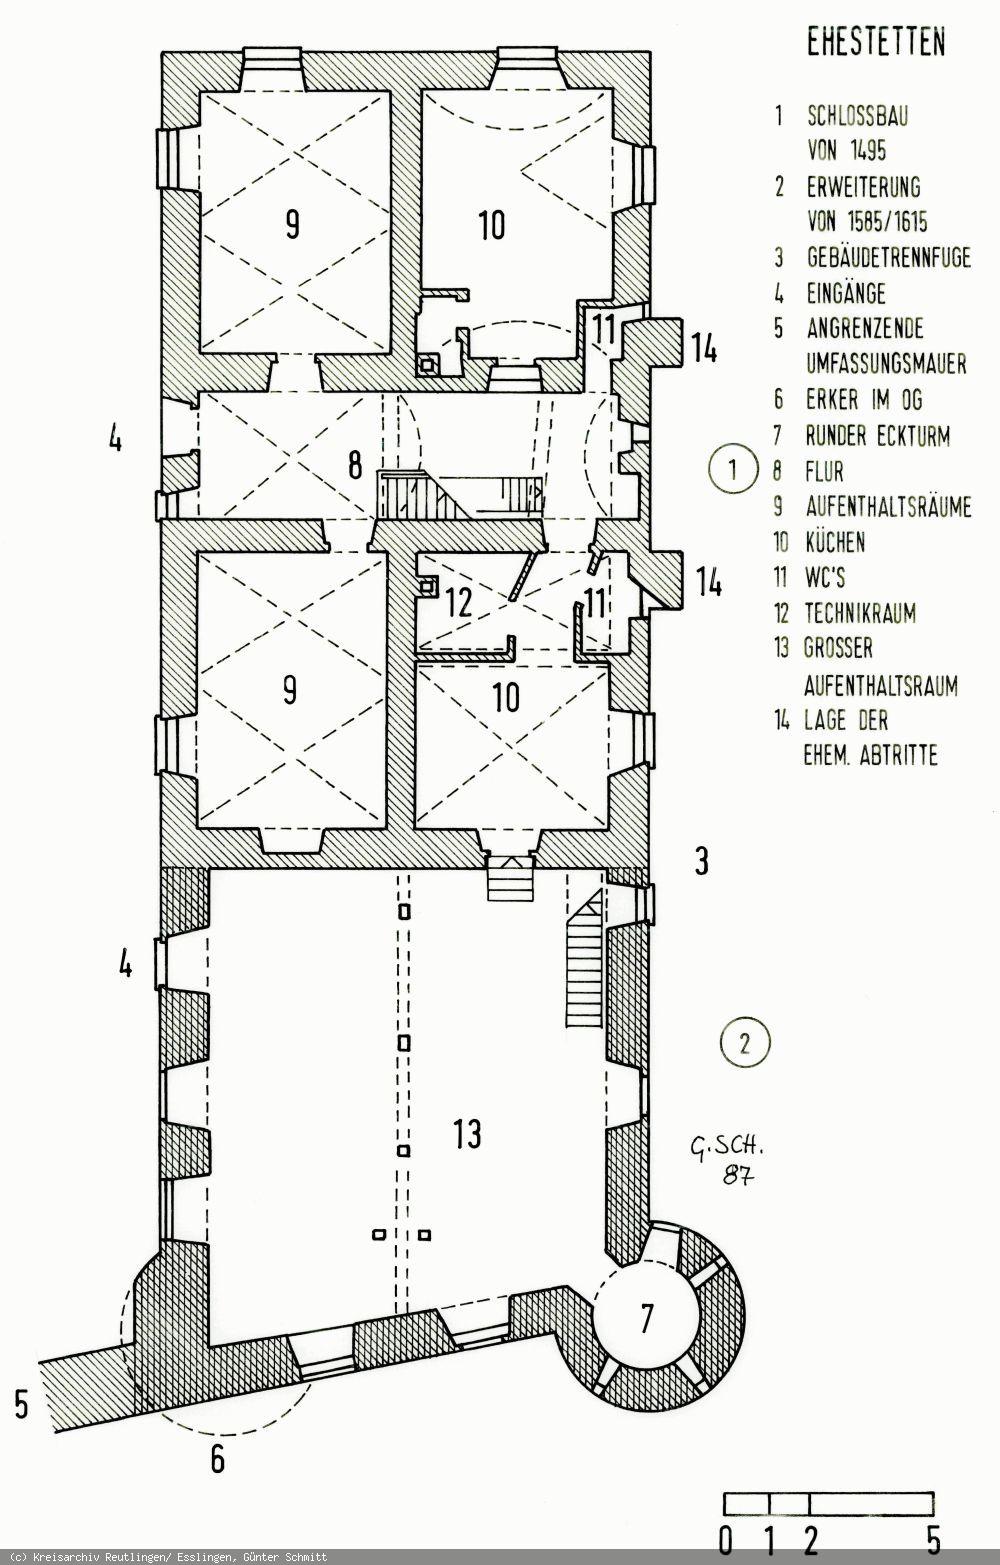 Grundriss des Schlosses Ehestetten